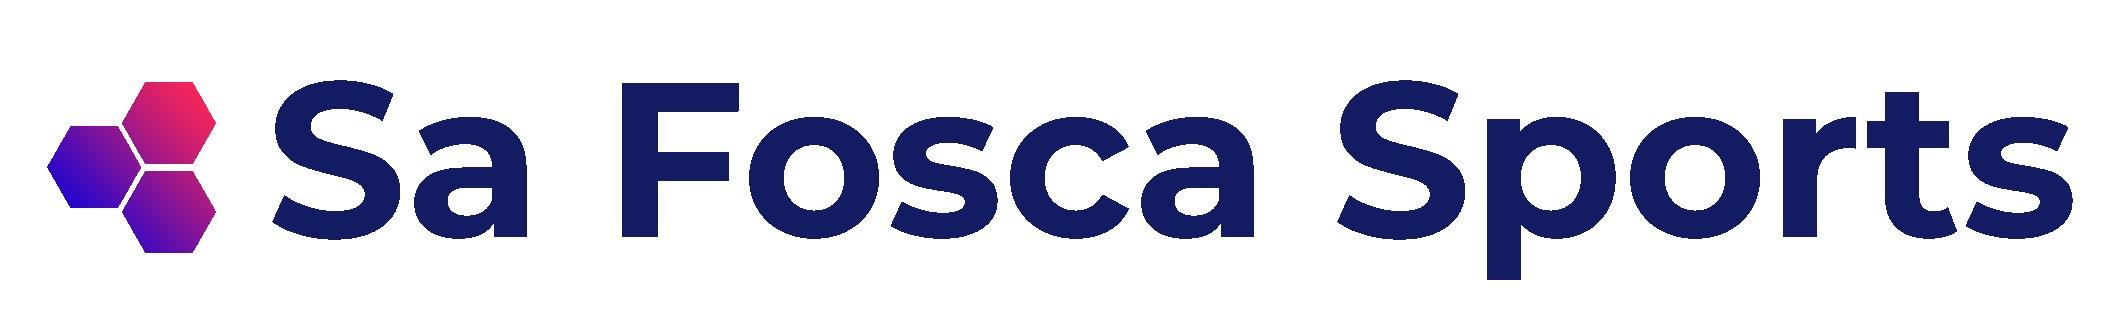 SaFosca Sports